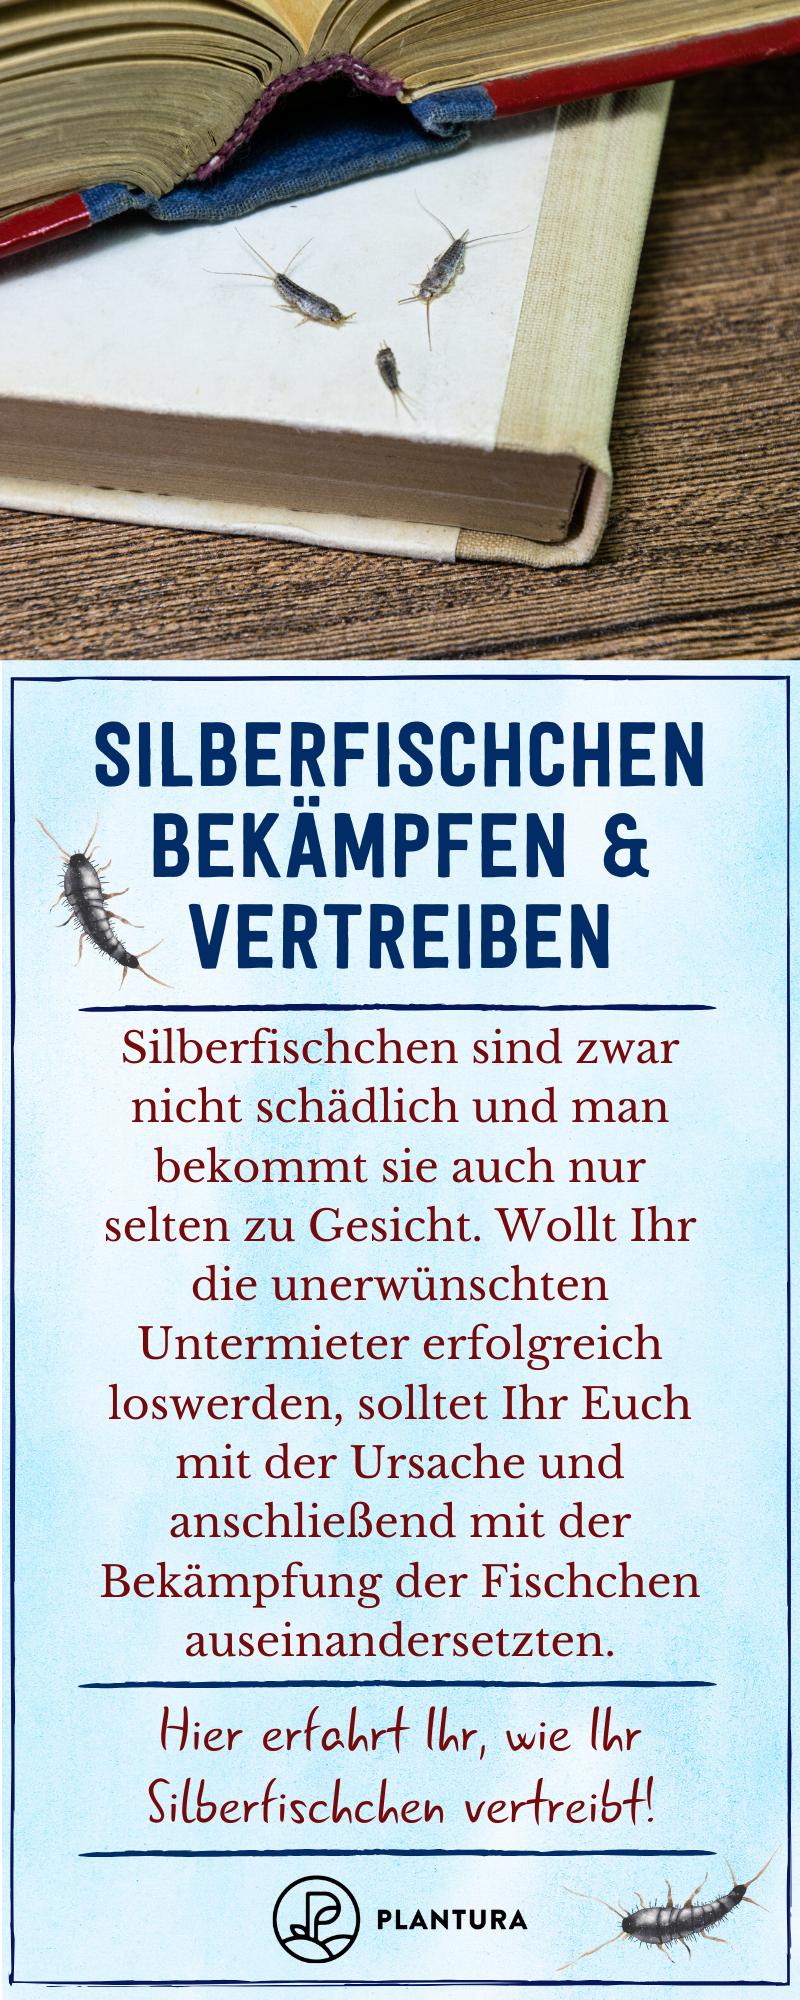 Silberfischchen Bekampfen Erfolgreich Vertreiben Plantura In 2020 Silberfische Bekampfen Silberfische Pflanzenschutz